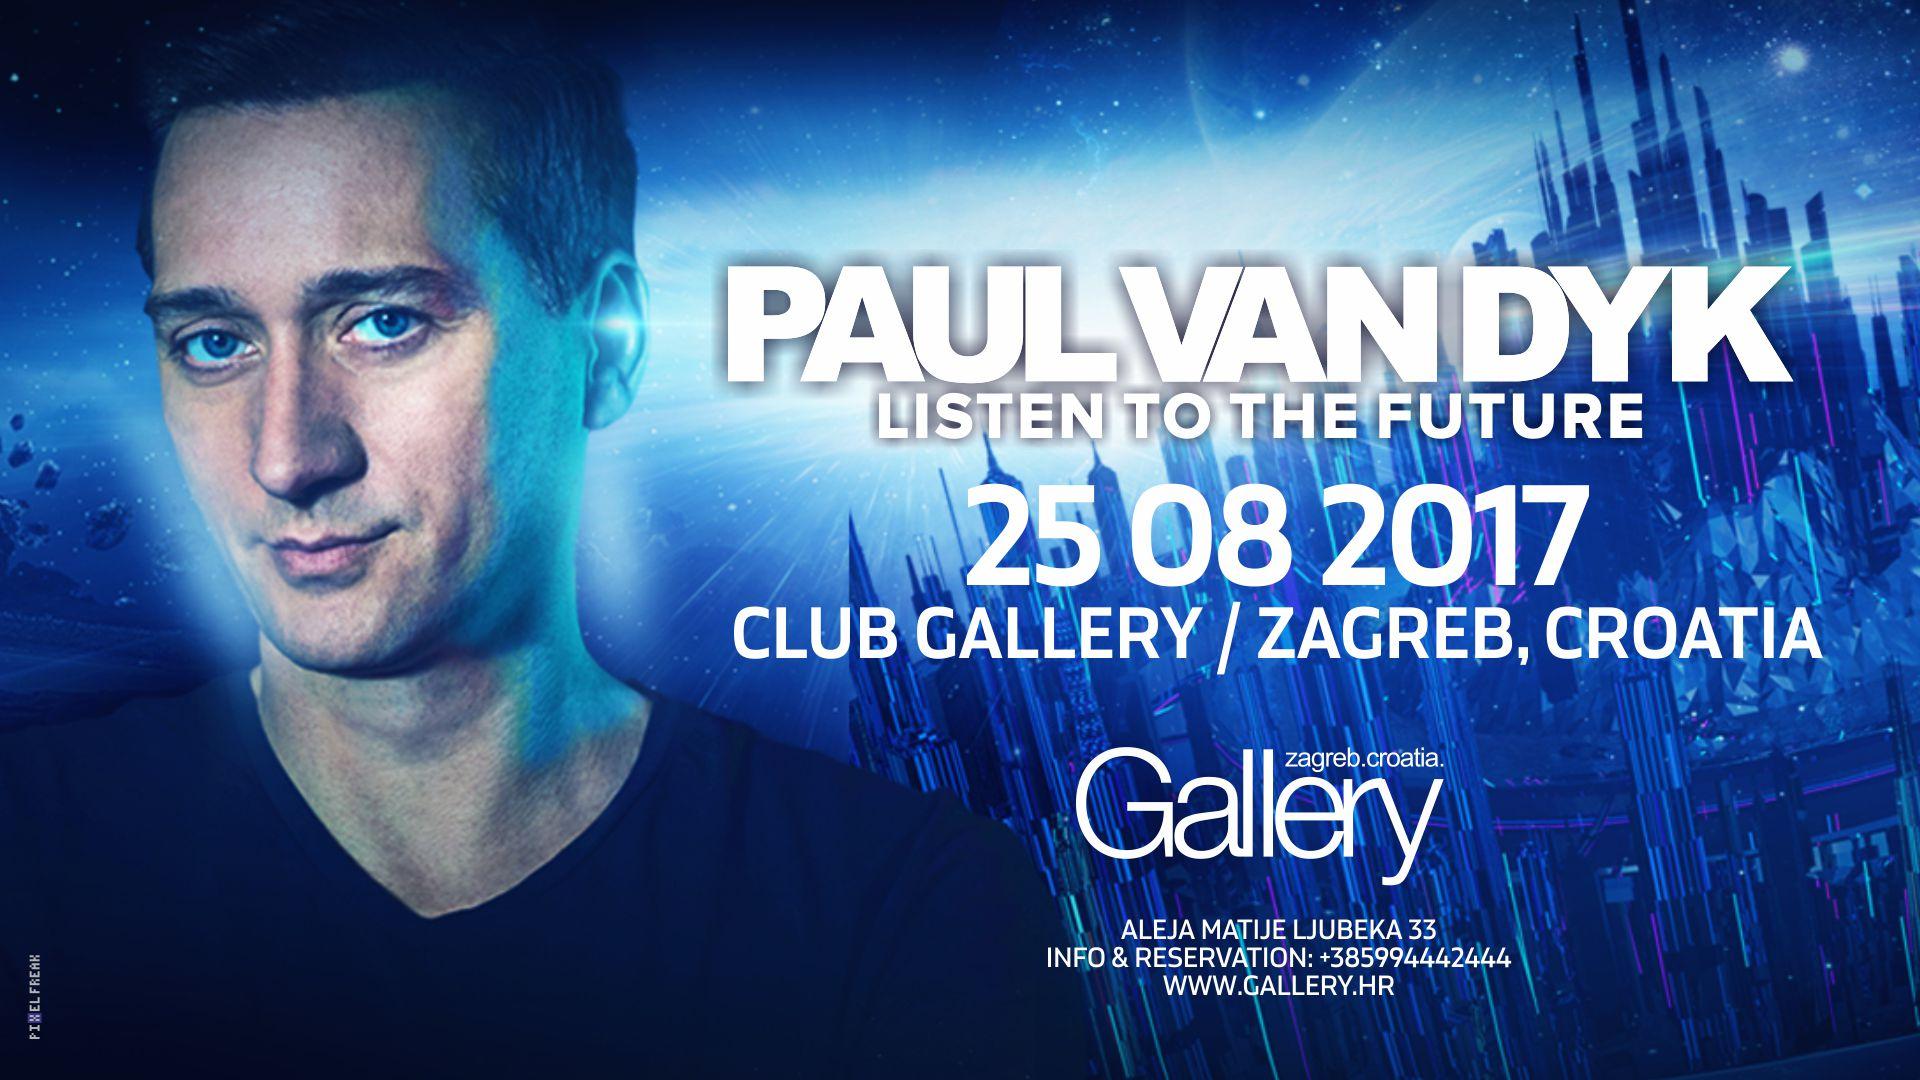 25/08/2017 PAUL VAN DYK @ GALLERY CLUB!